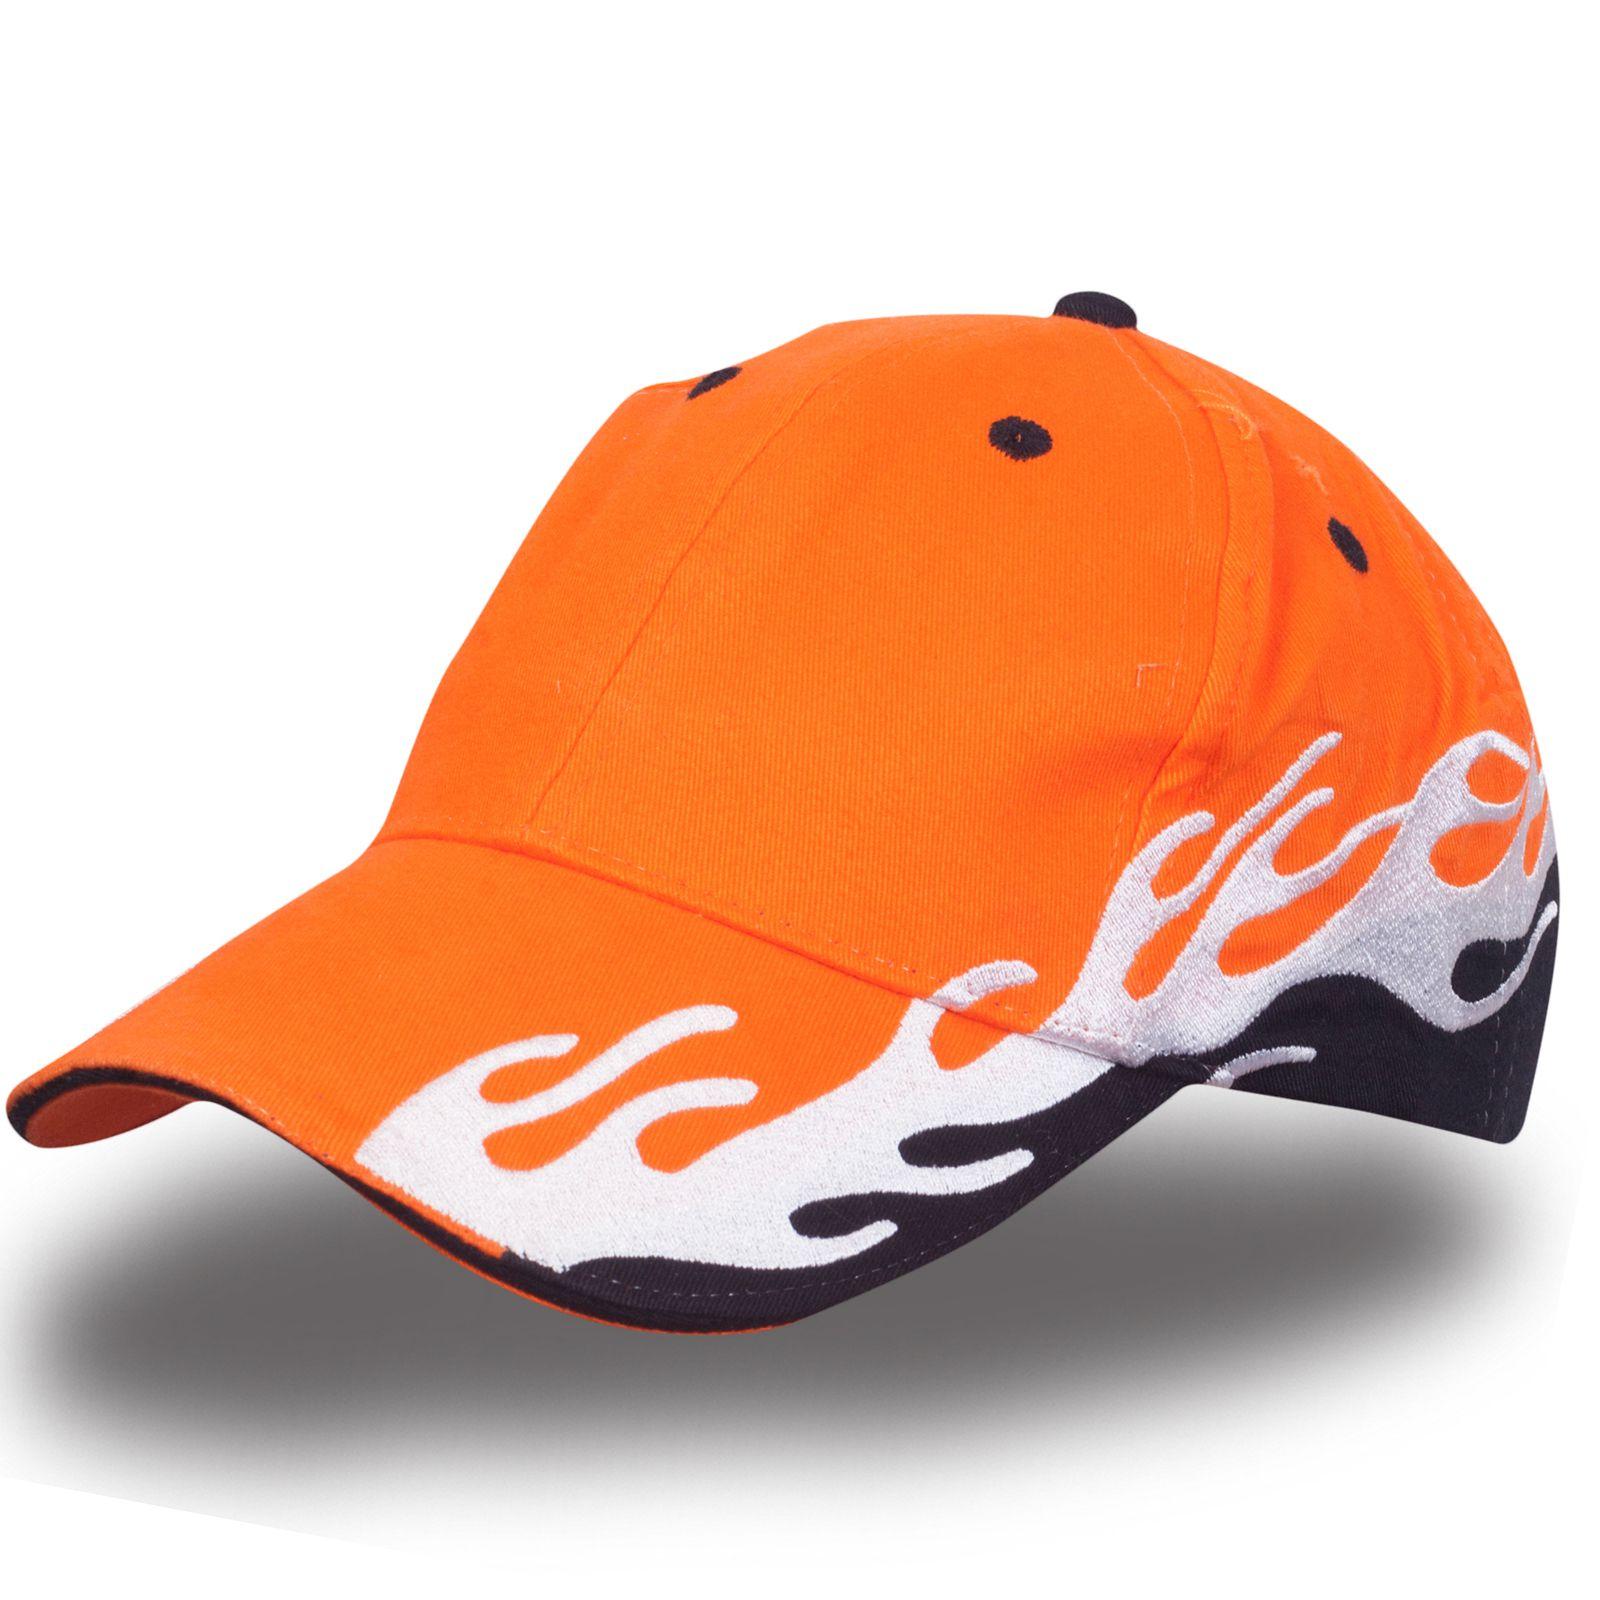 Оранжевая бейсболка с рисунком - купить в интернет-магазине с доставкой